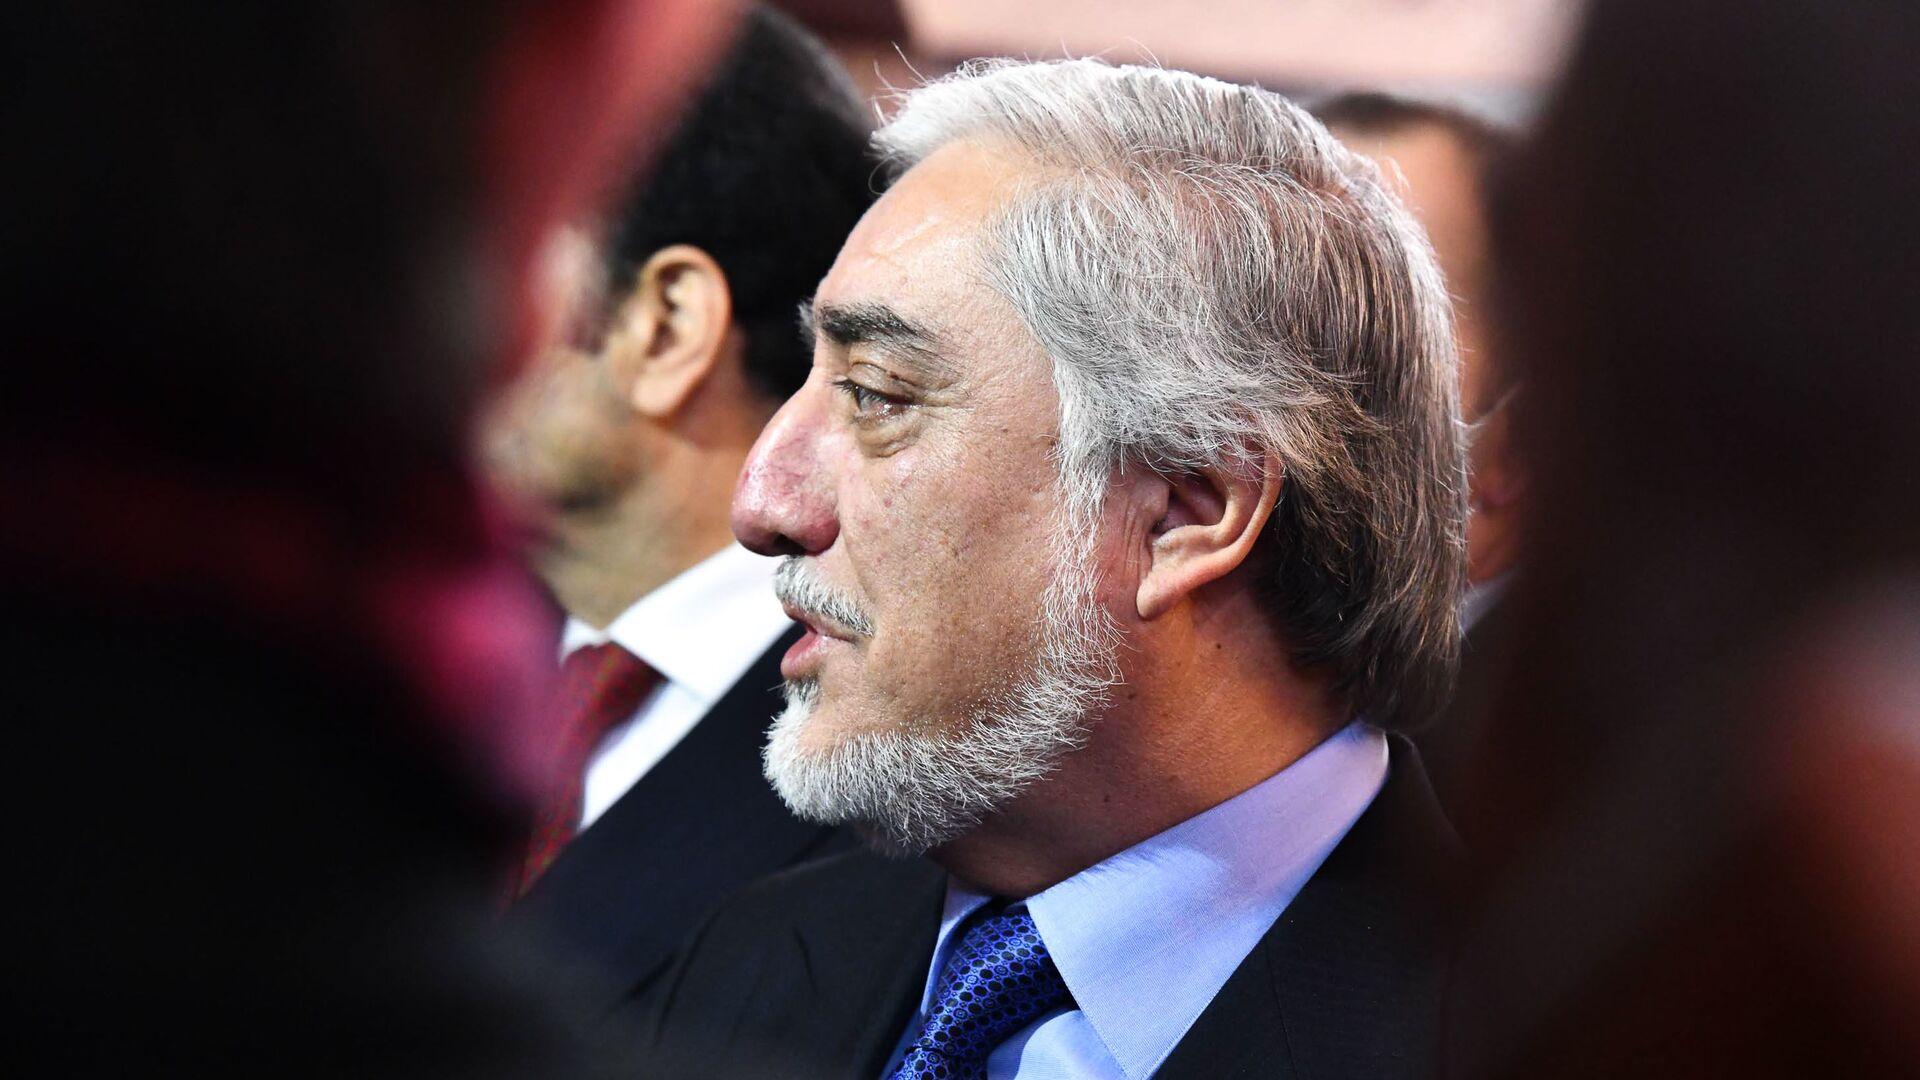 Председатель Высшего совета национального примирения Афганистана Абдулла Абдулла - Sputnik Таджикистан, 1920, 07.09.2021